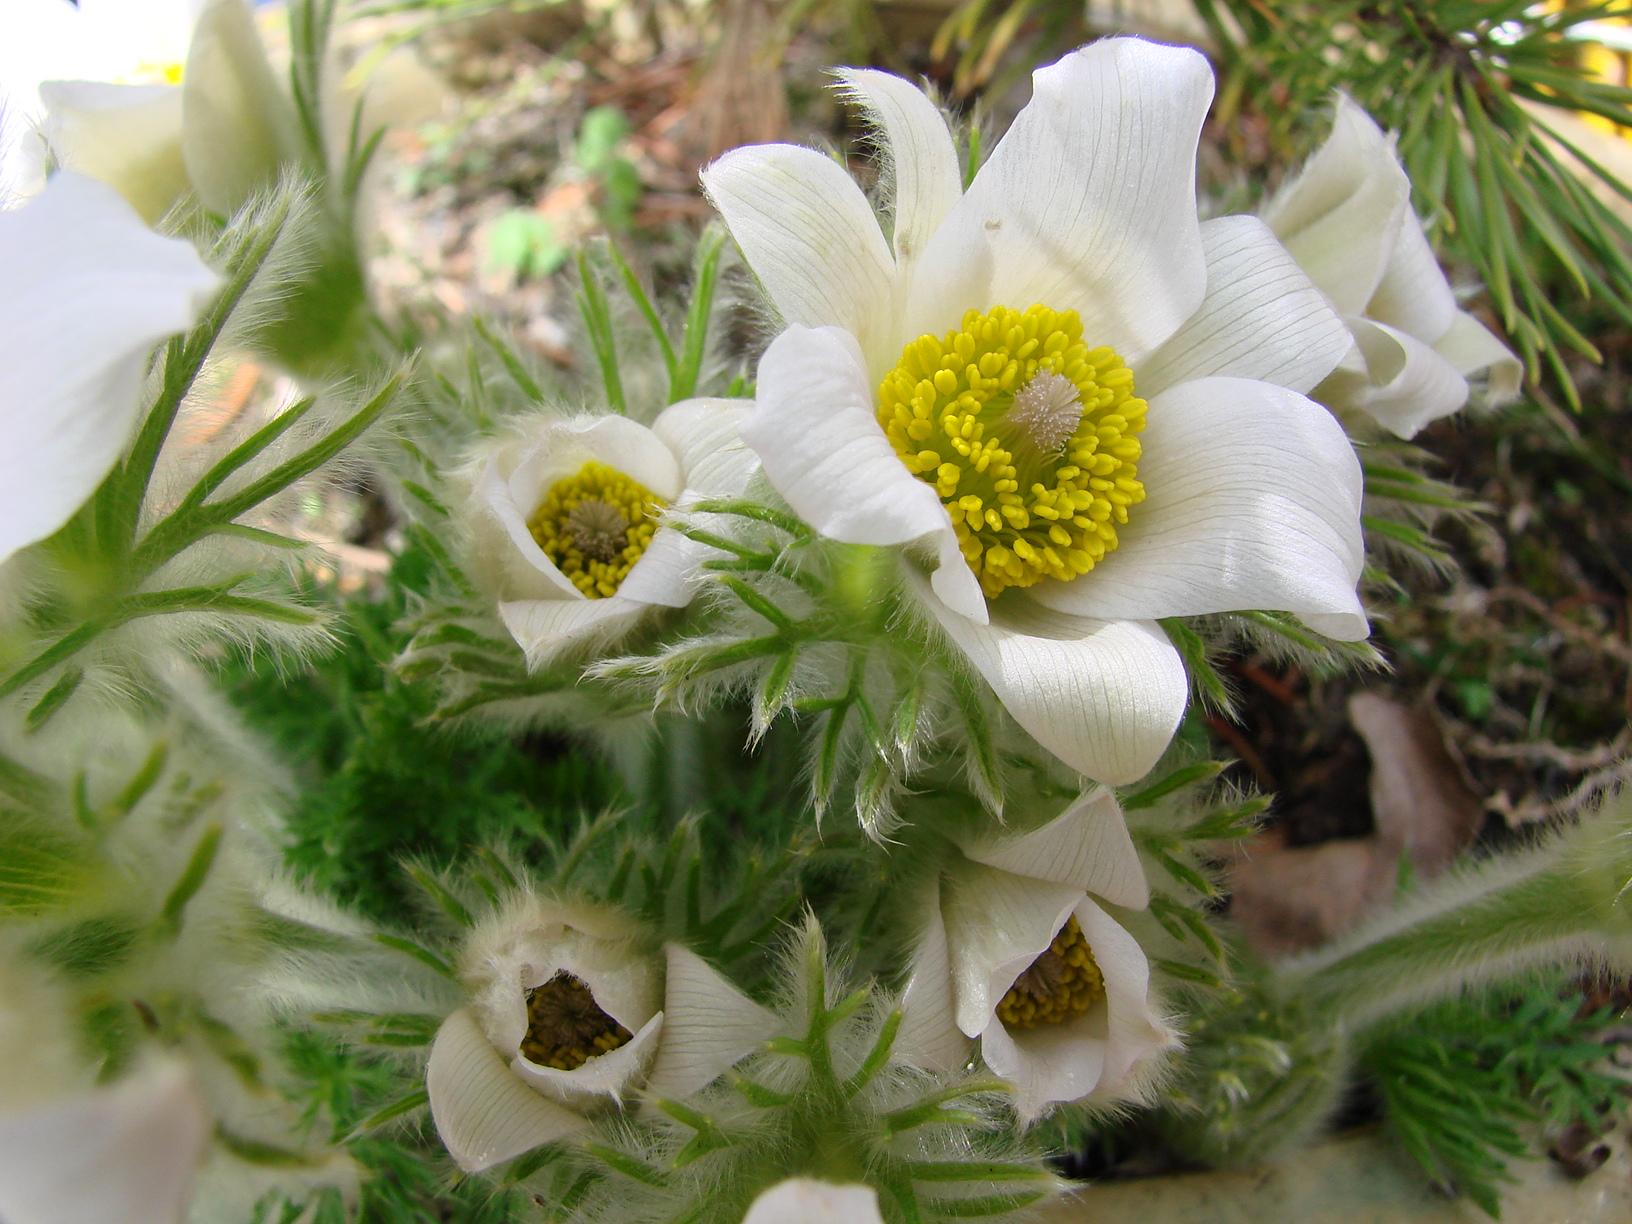 Die weiße Kuhschelle – Pulsatilla vulgaris 'Alba'